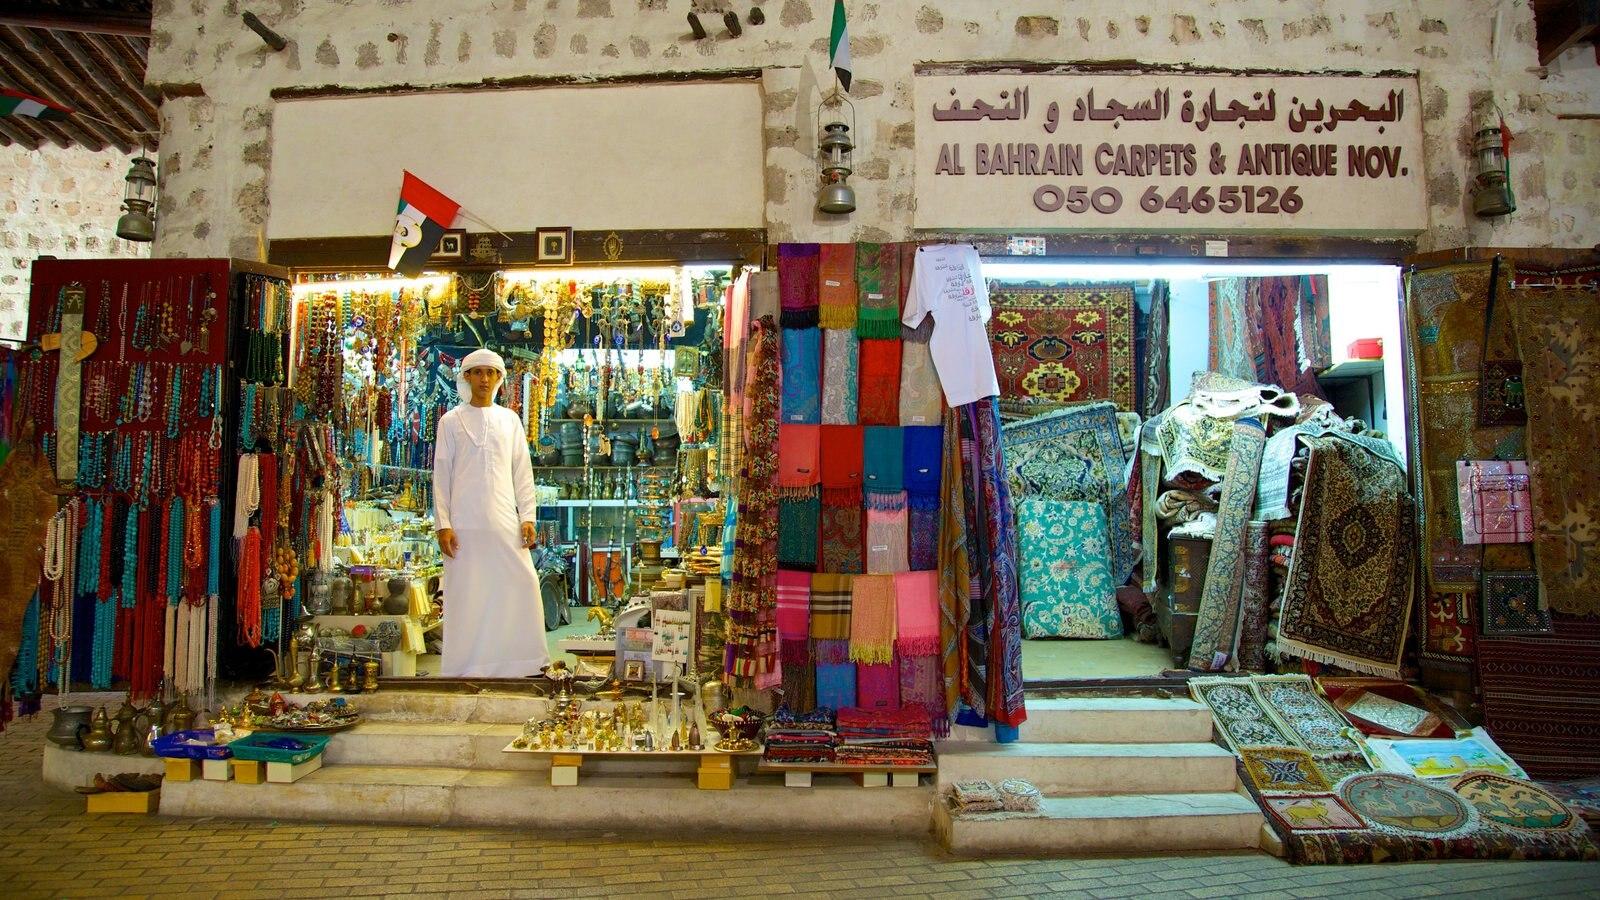 Dubai Emirate showing markets, shopping and signage